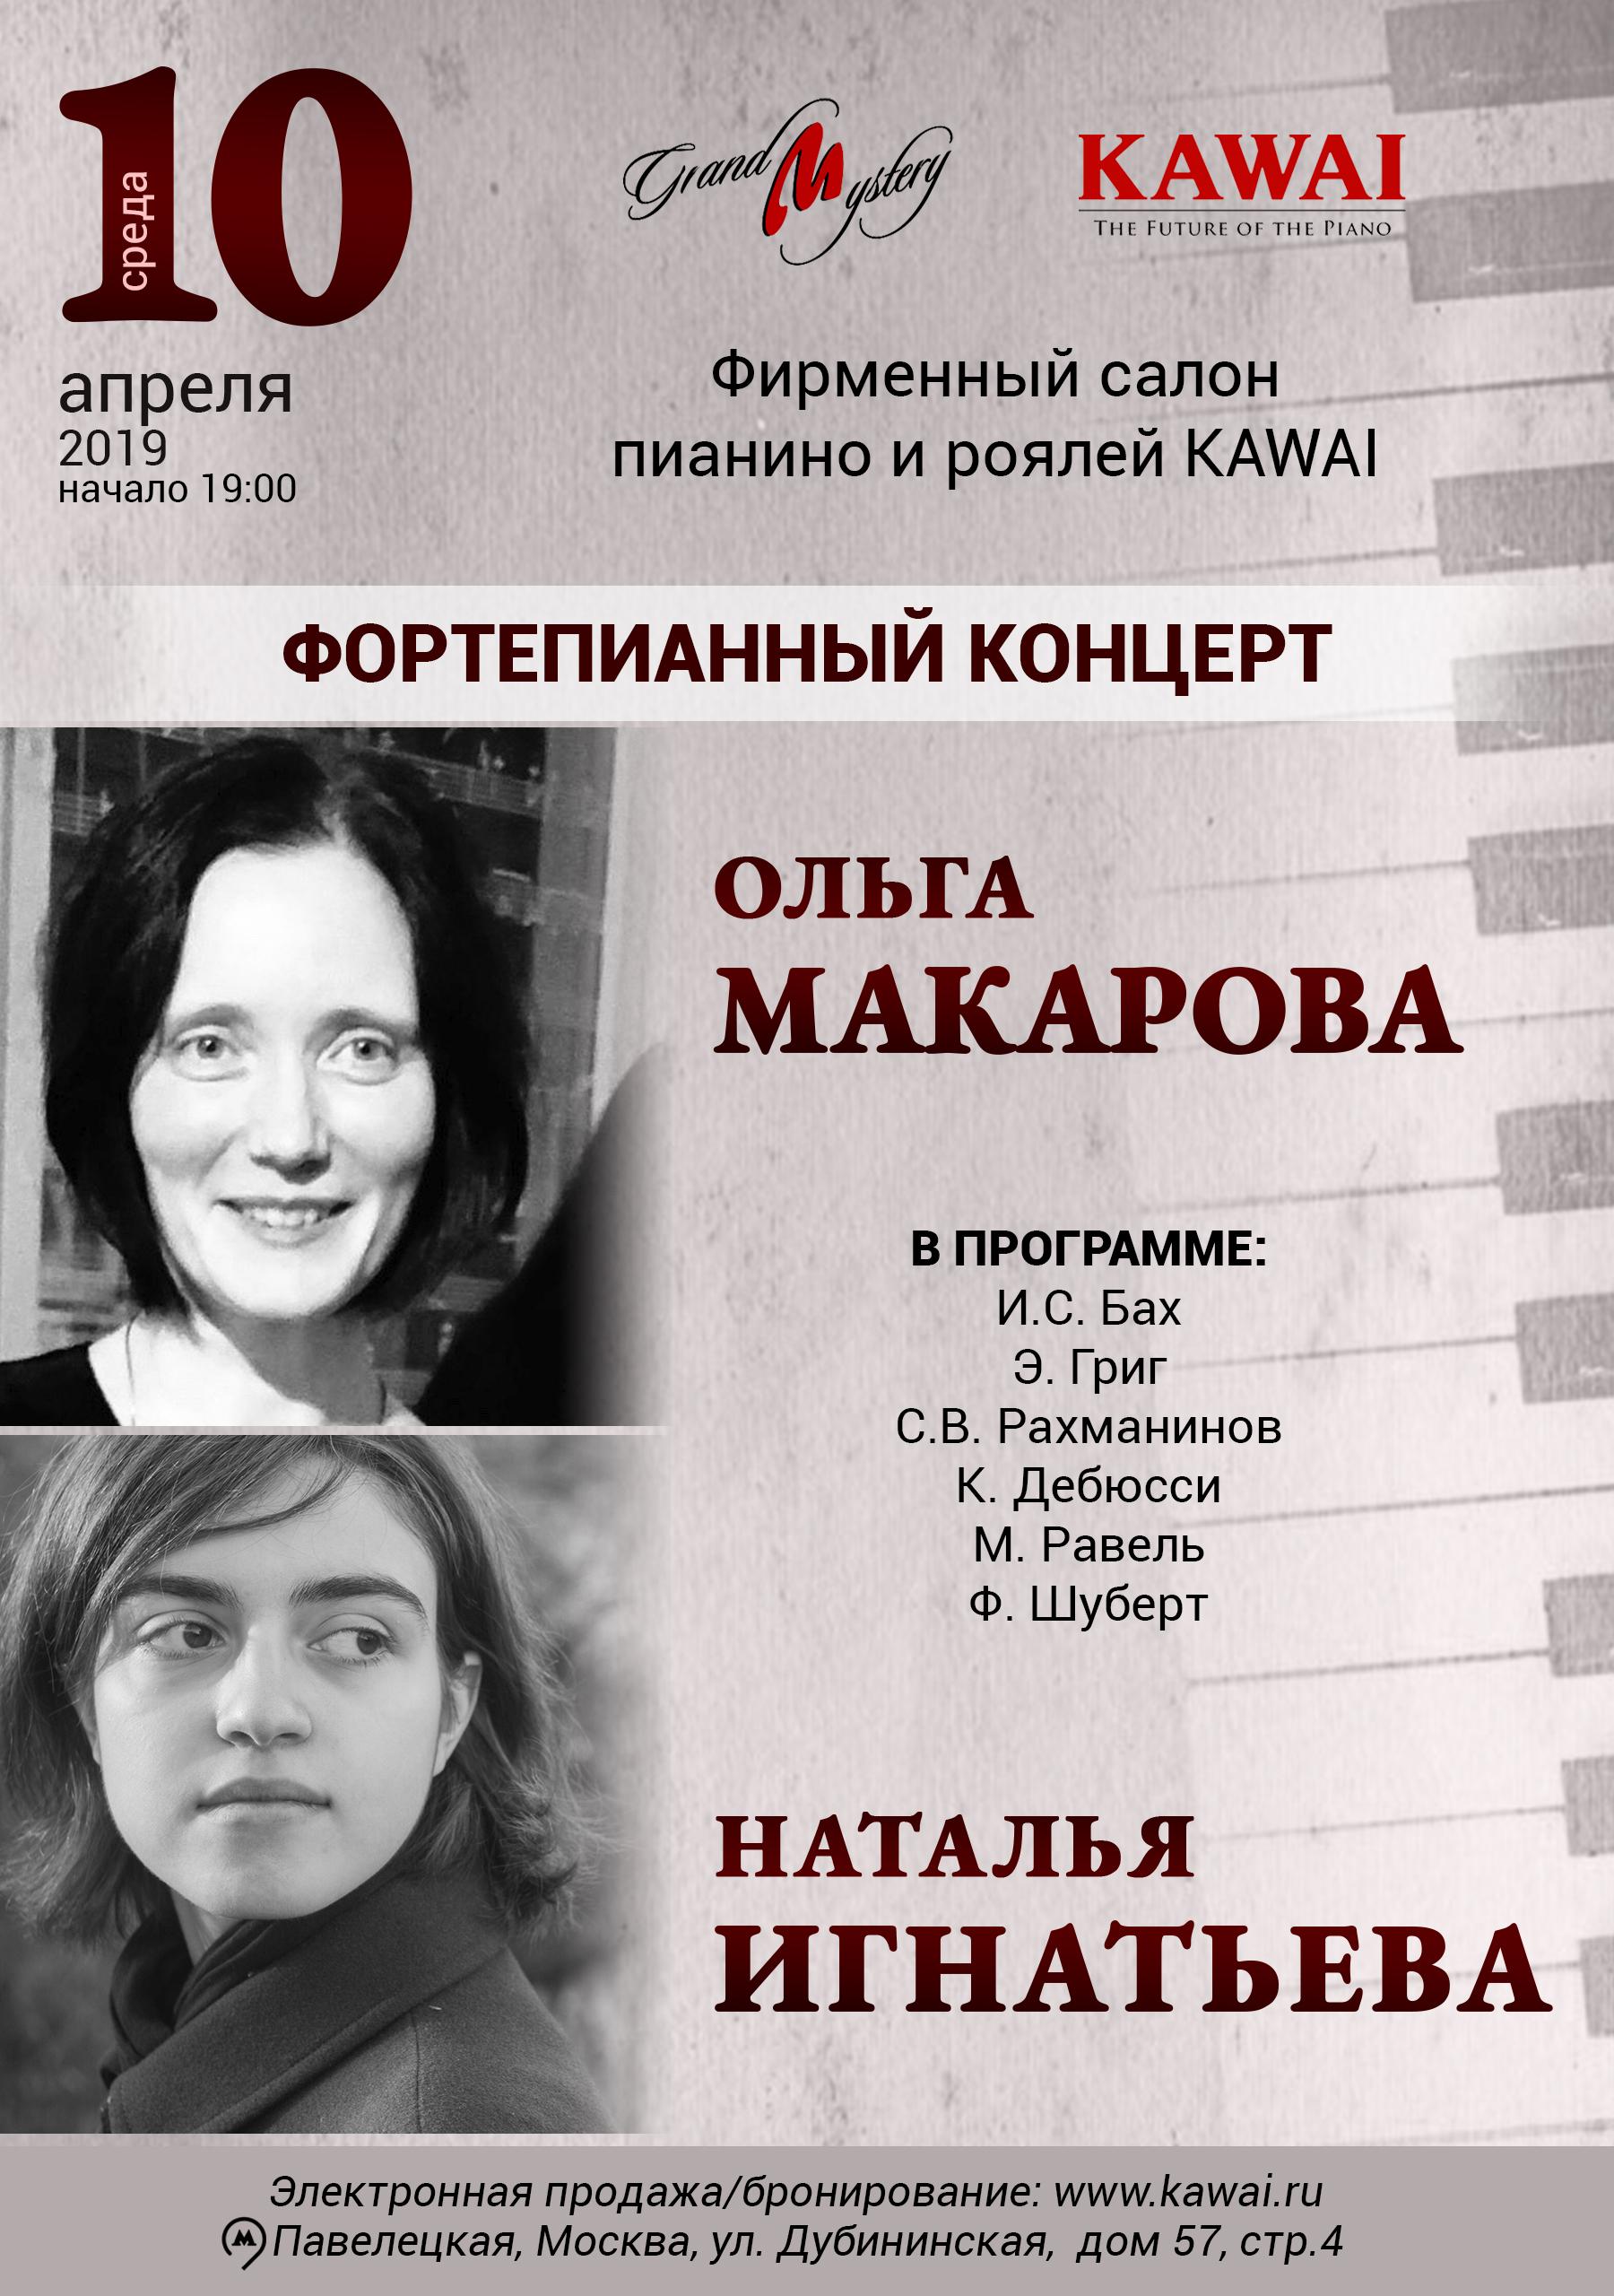 Фортепианный вечер Натальи Игнатьевой и Ольги Макаровой